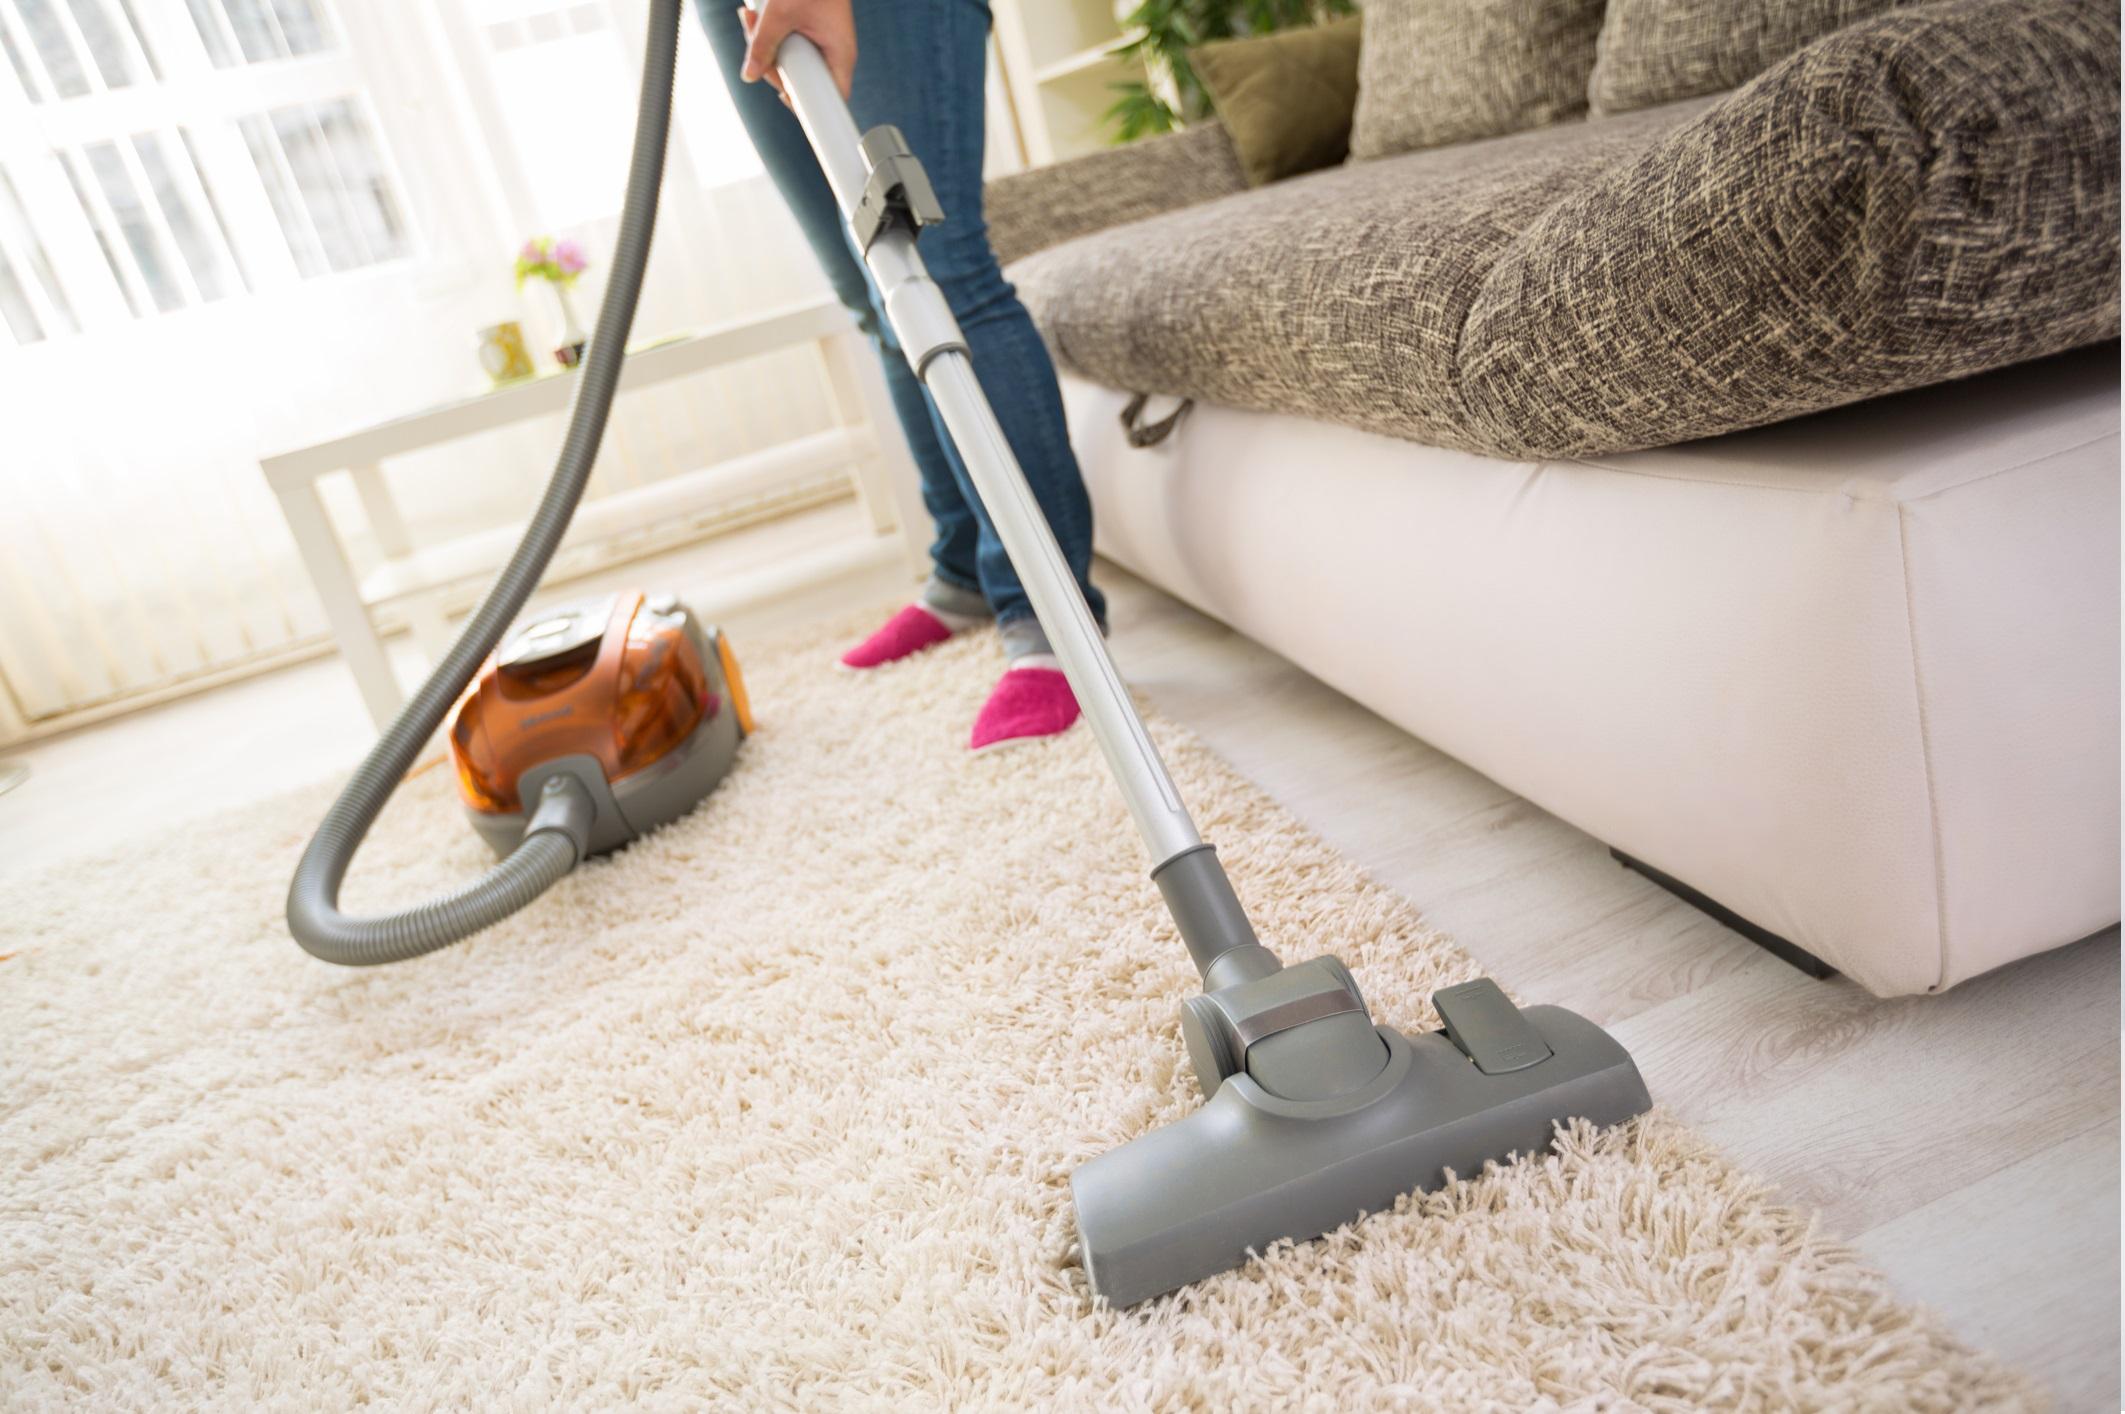 <p>Инвестирайте в прахосмукачката<br /> <br /> Алергените могат да се натрупват в домашния прах, така че е добра идея да инвестирате в мощна прахосмукачка, която може да помогне да се сведе до минимум количеството химикали и замърсители, открити в нашите домове, но също така може да намали и полените, космите от домашните любимци и праха. Не забравяйте да почиствате освен пода и стените, ръбовете на килимите и мебелите.</p>